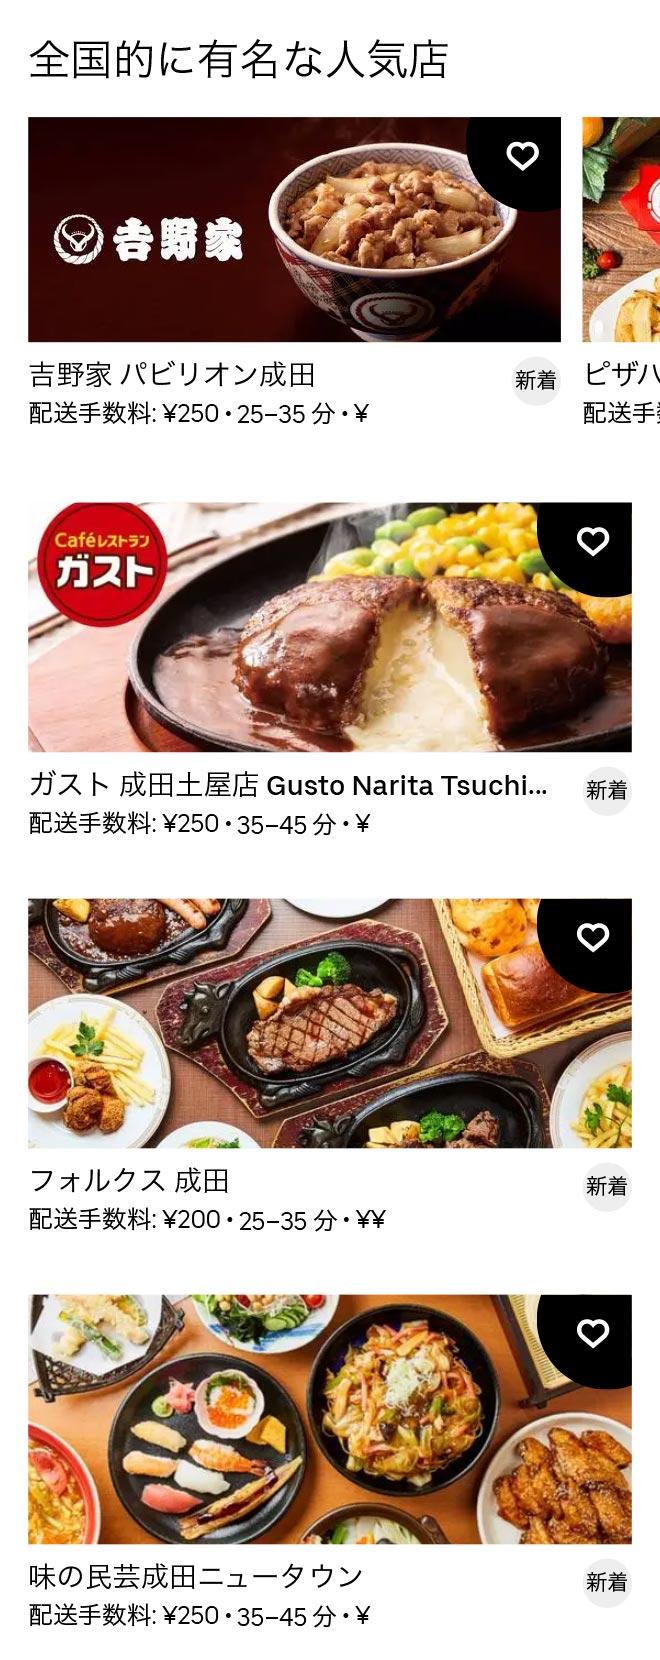 Narita menu 2011 2